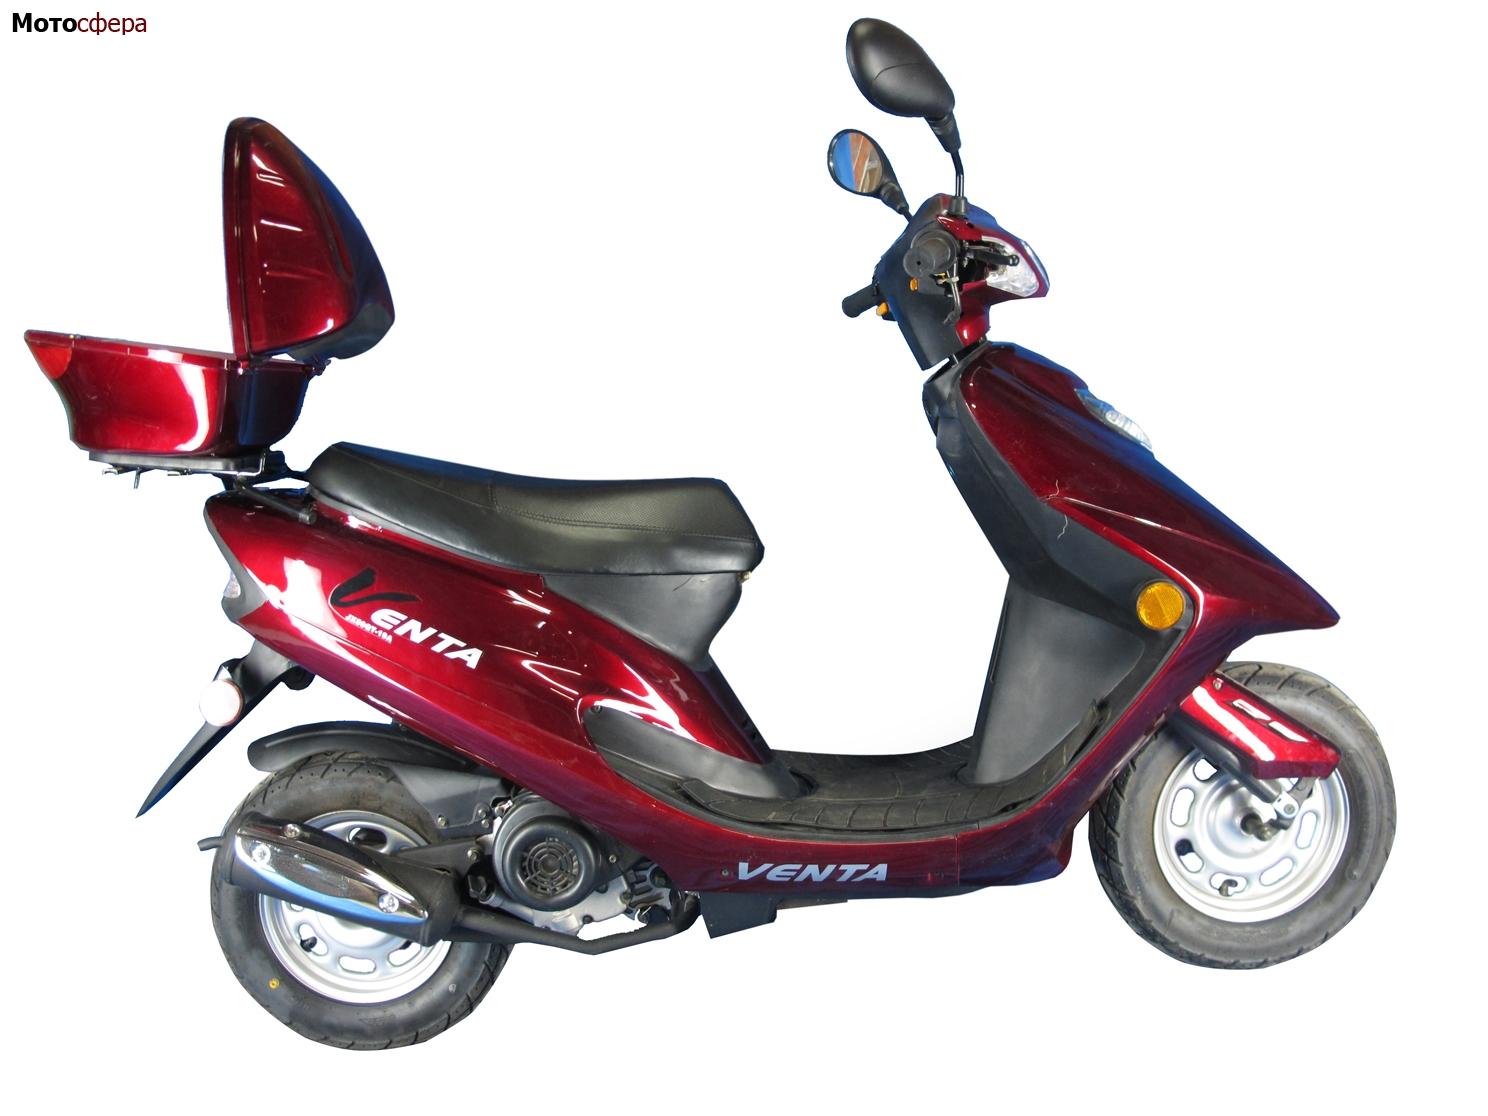 узнается марки и фото китайских скутеров законодательства, профессиональных успехов